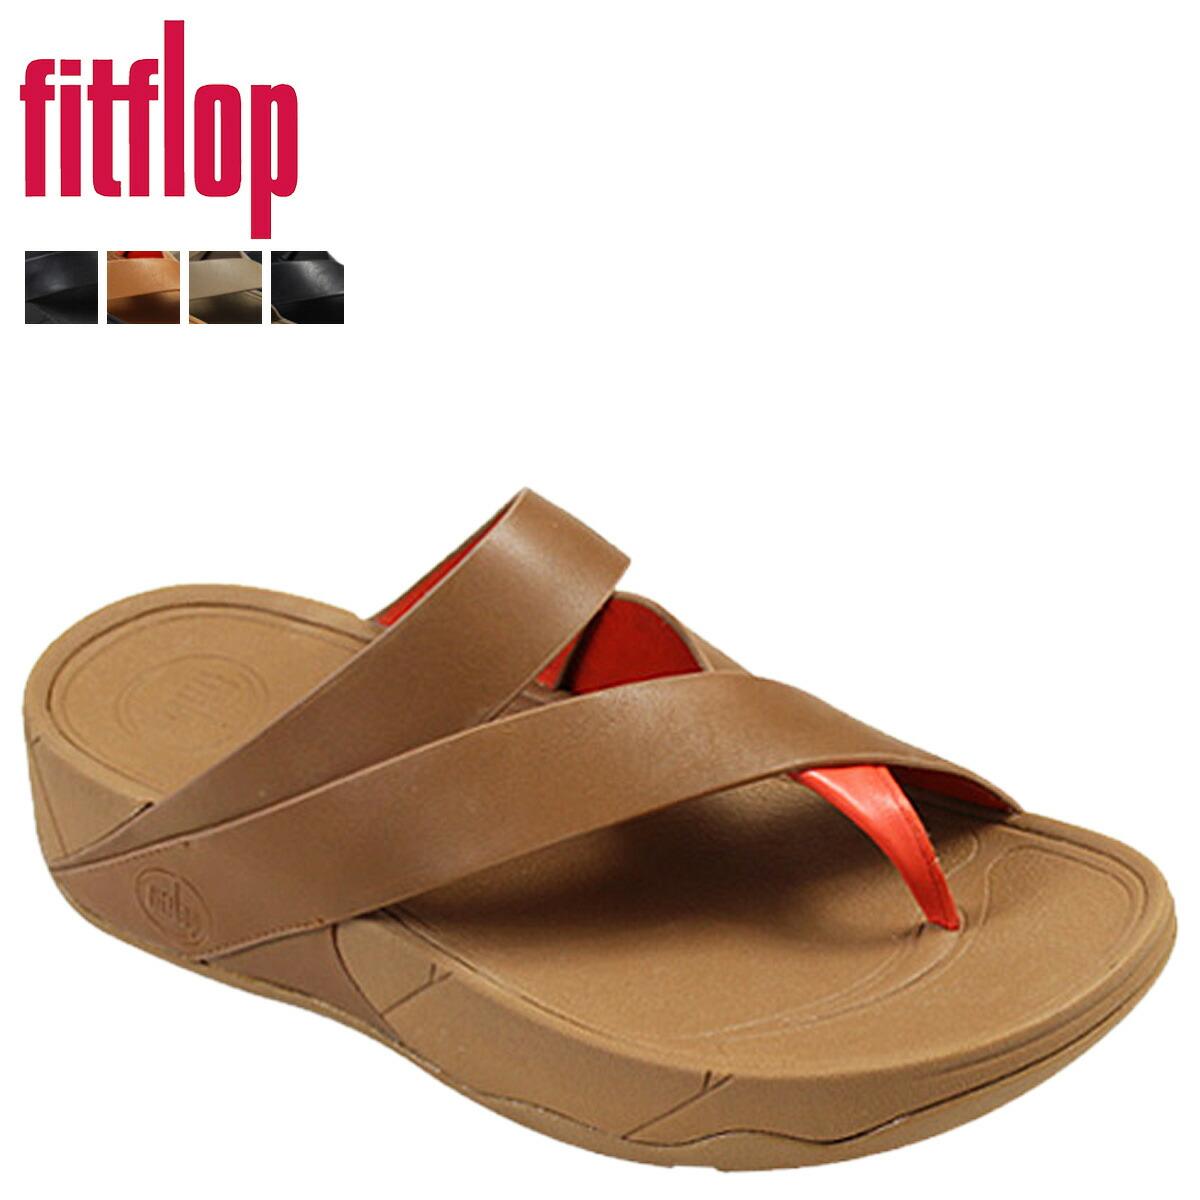 dba683b3953c ALLSPORTS  FitFlop fit flop Sling sandal 186-001 186-017 186-068 ...